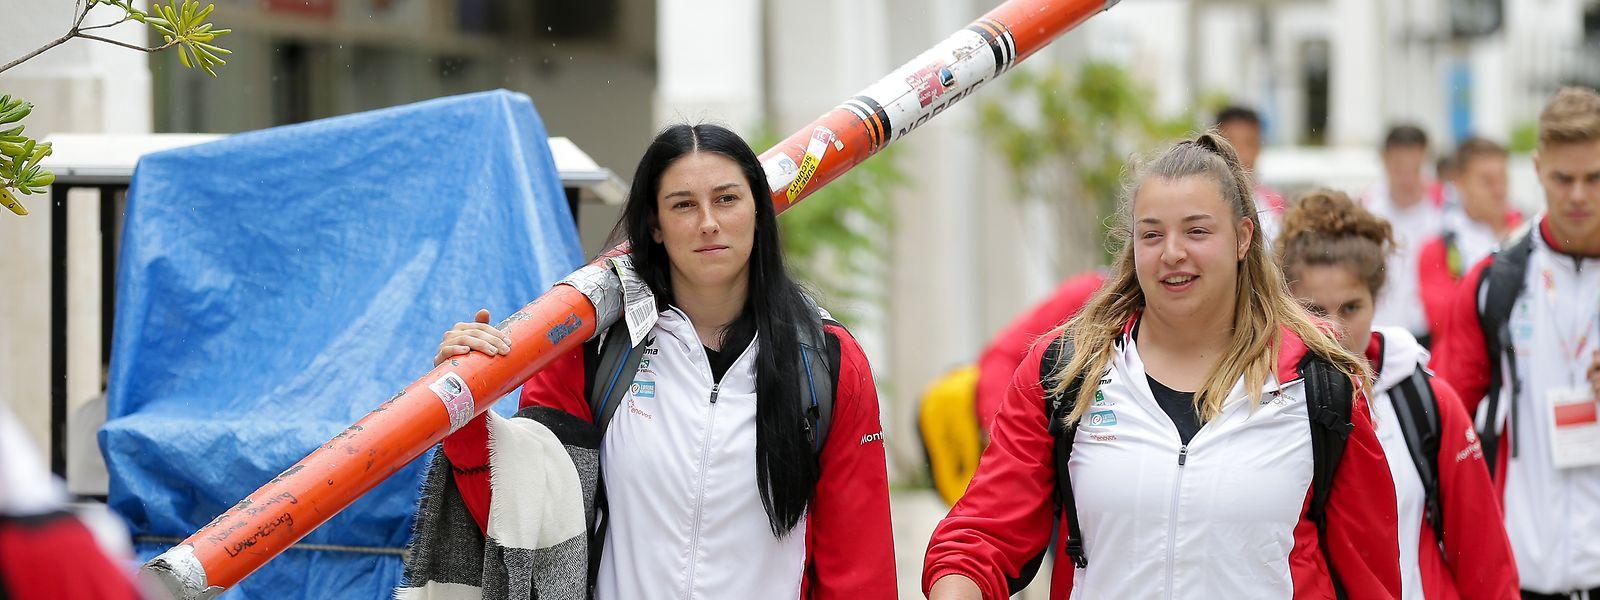 Noémie Pleimling mit ihrem Speer.